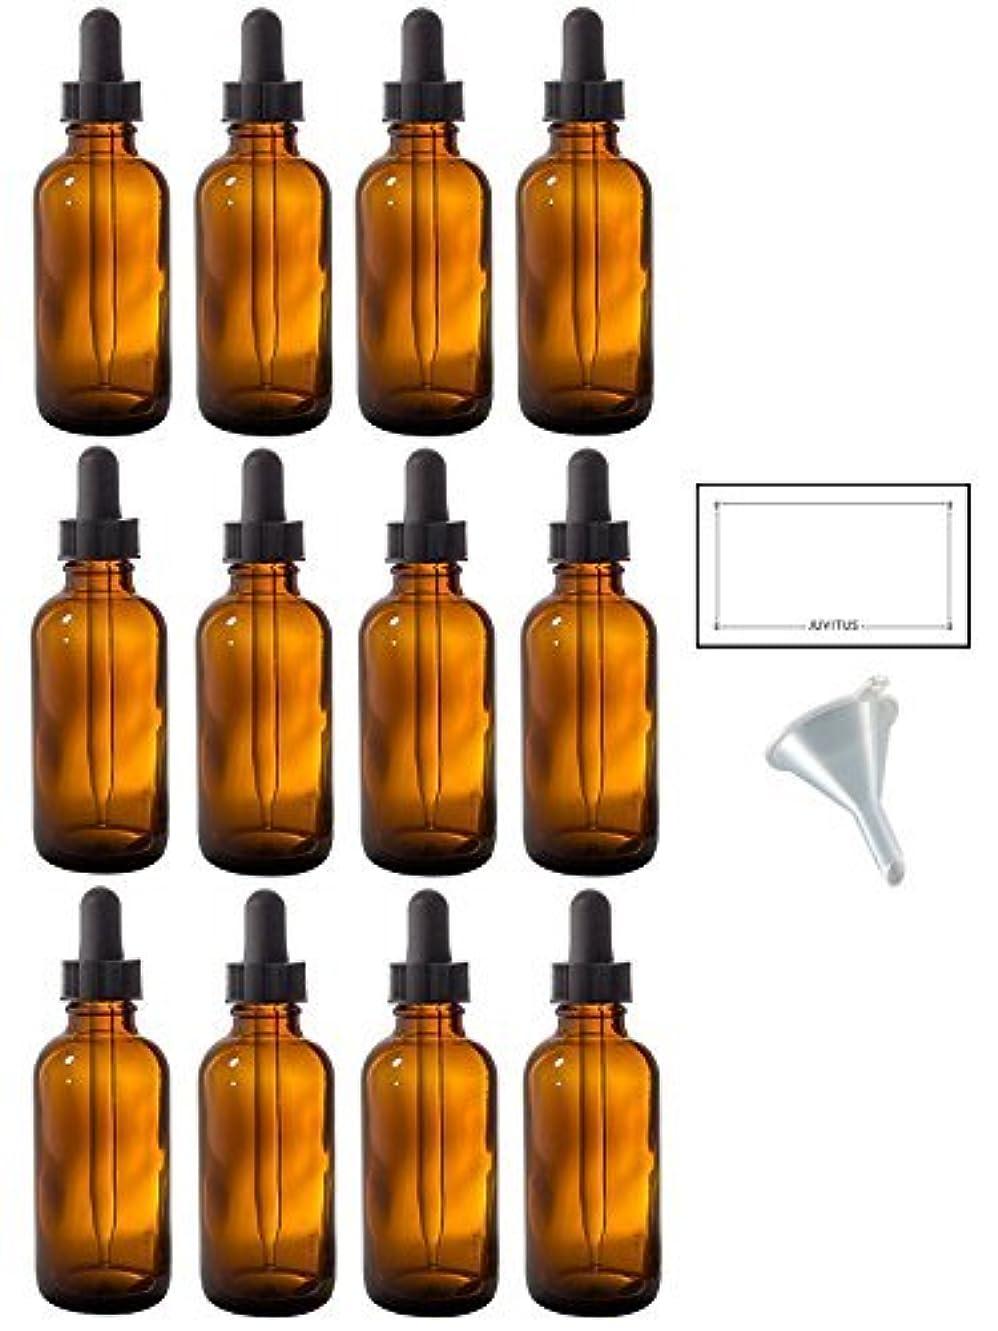 新鮮な責任者ミス2 oz Amber Glass Boston Round Dropper Bottle (12 pack) + Funnel and Labels for essential oils, aromatherapy, e-liquid...